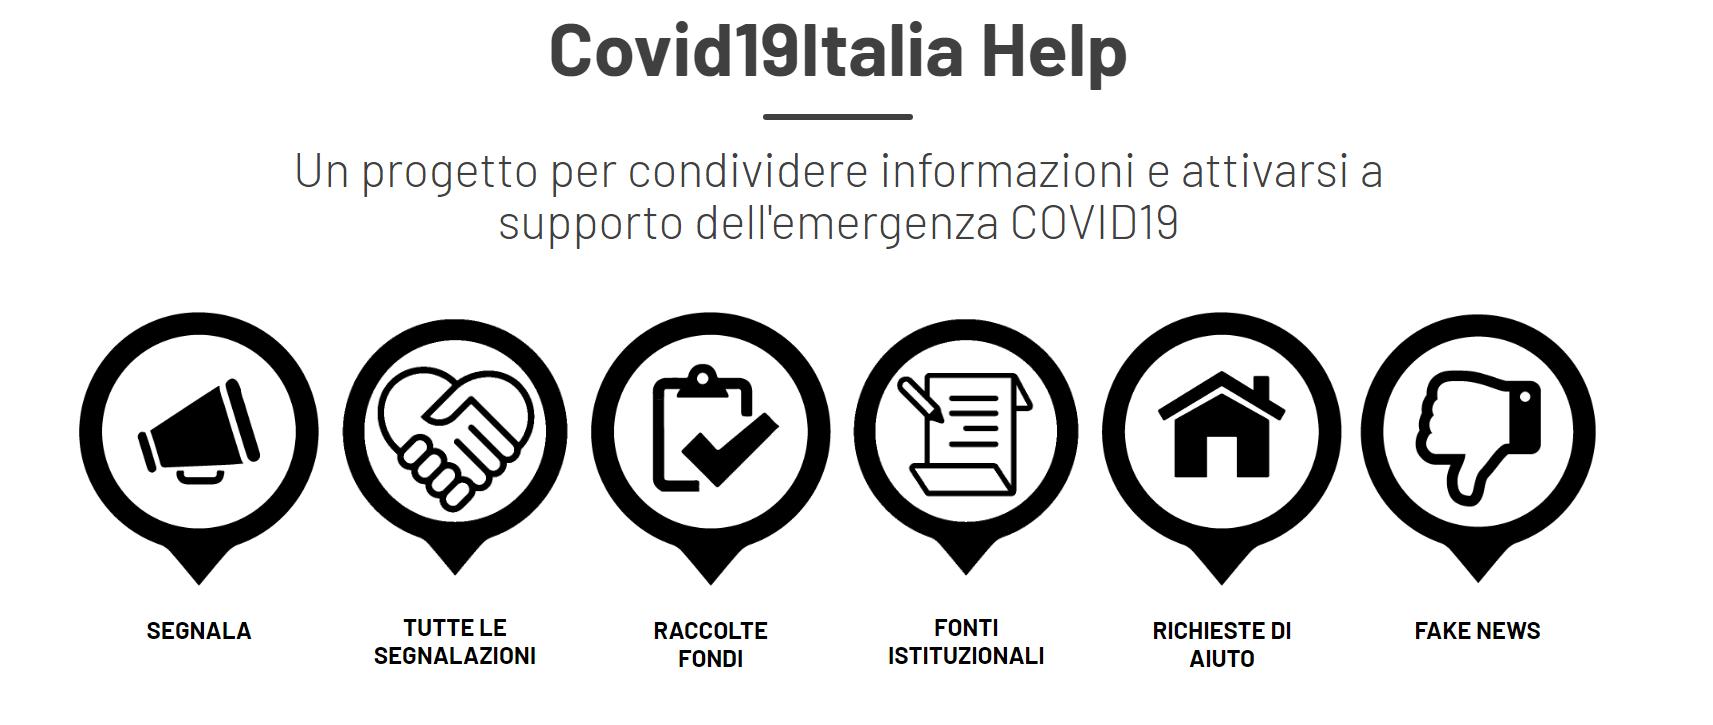 CORONAVIRUS. Le attività solidali rivolte ai migranti di tutta Italia sul portale Covid19Italia.help